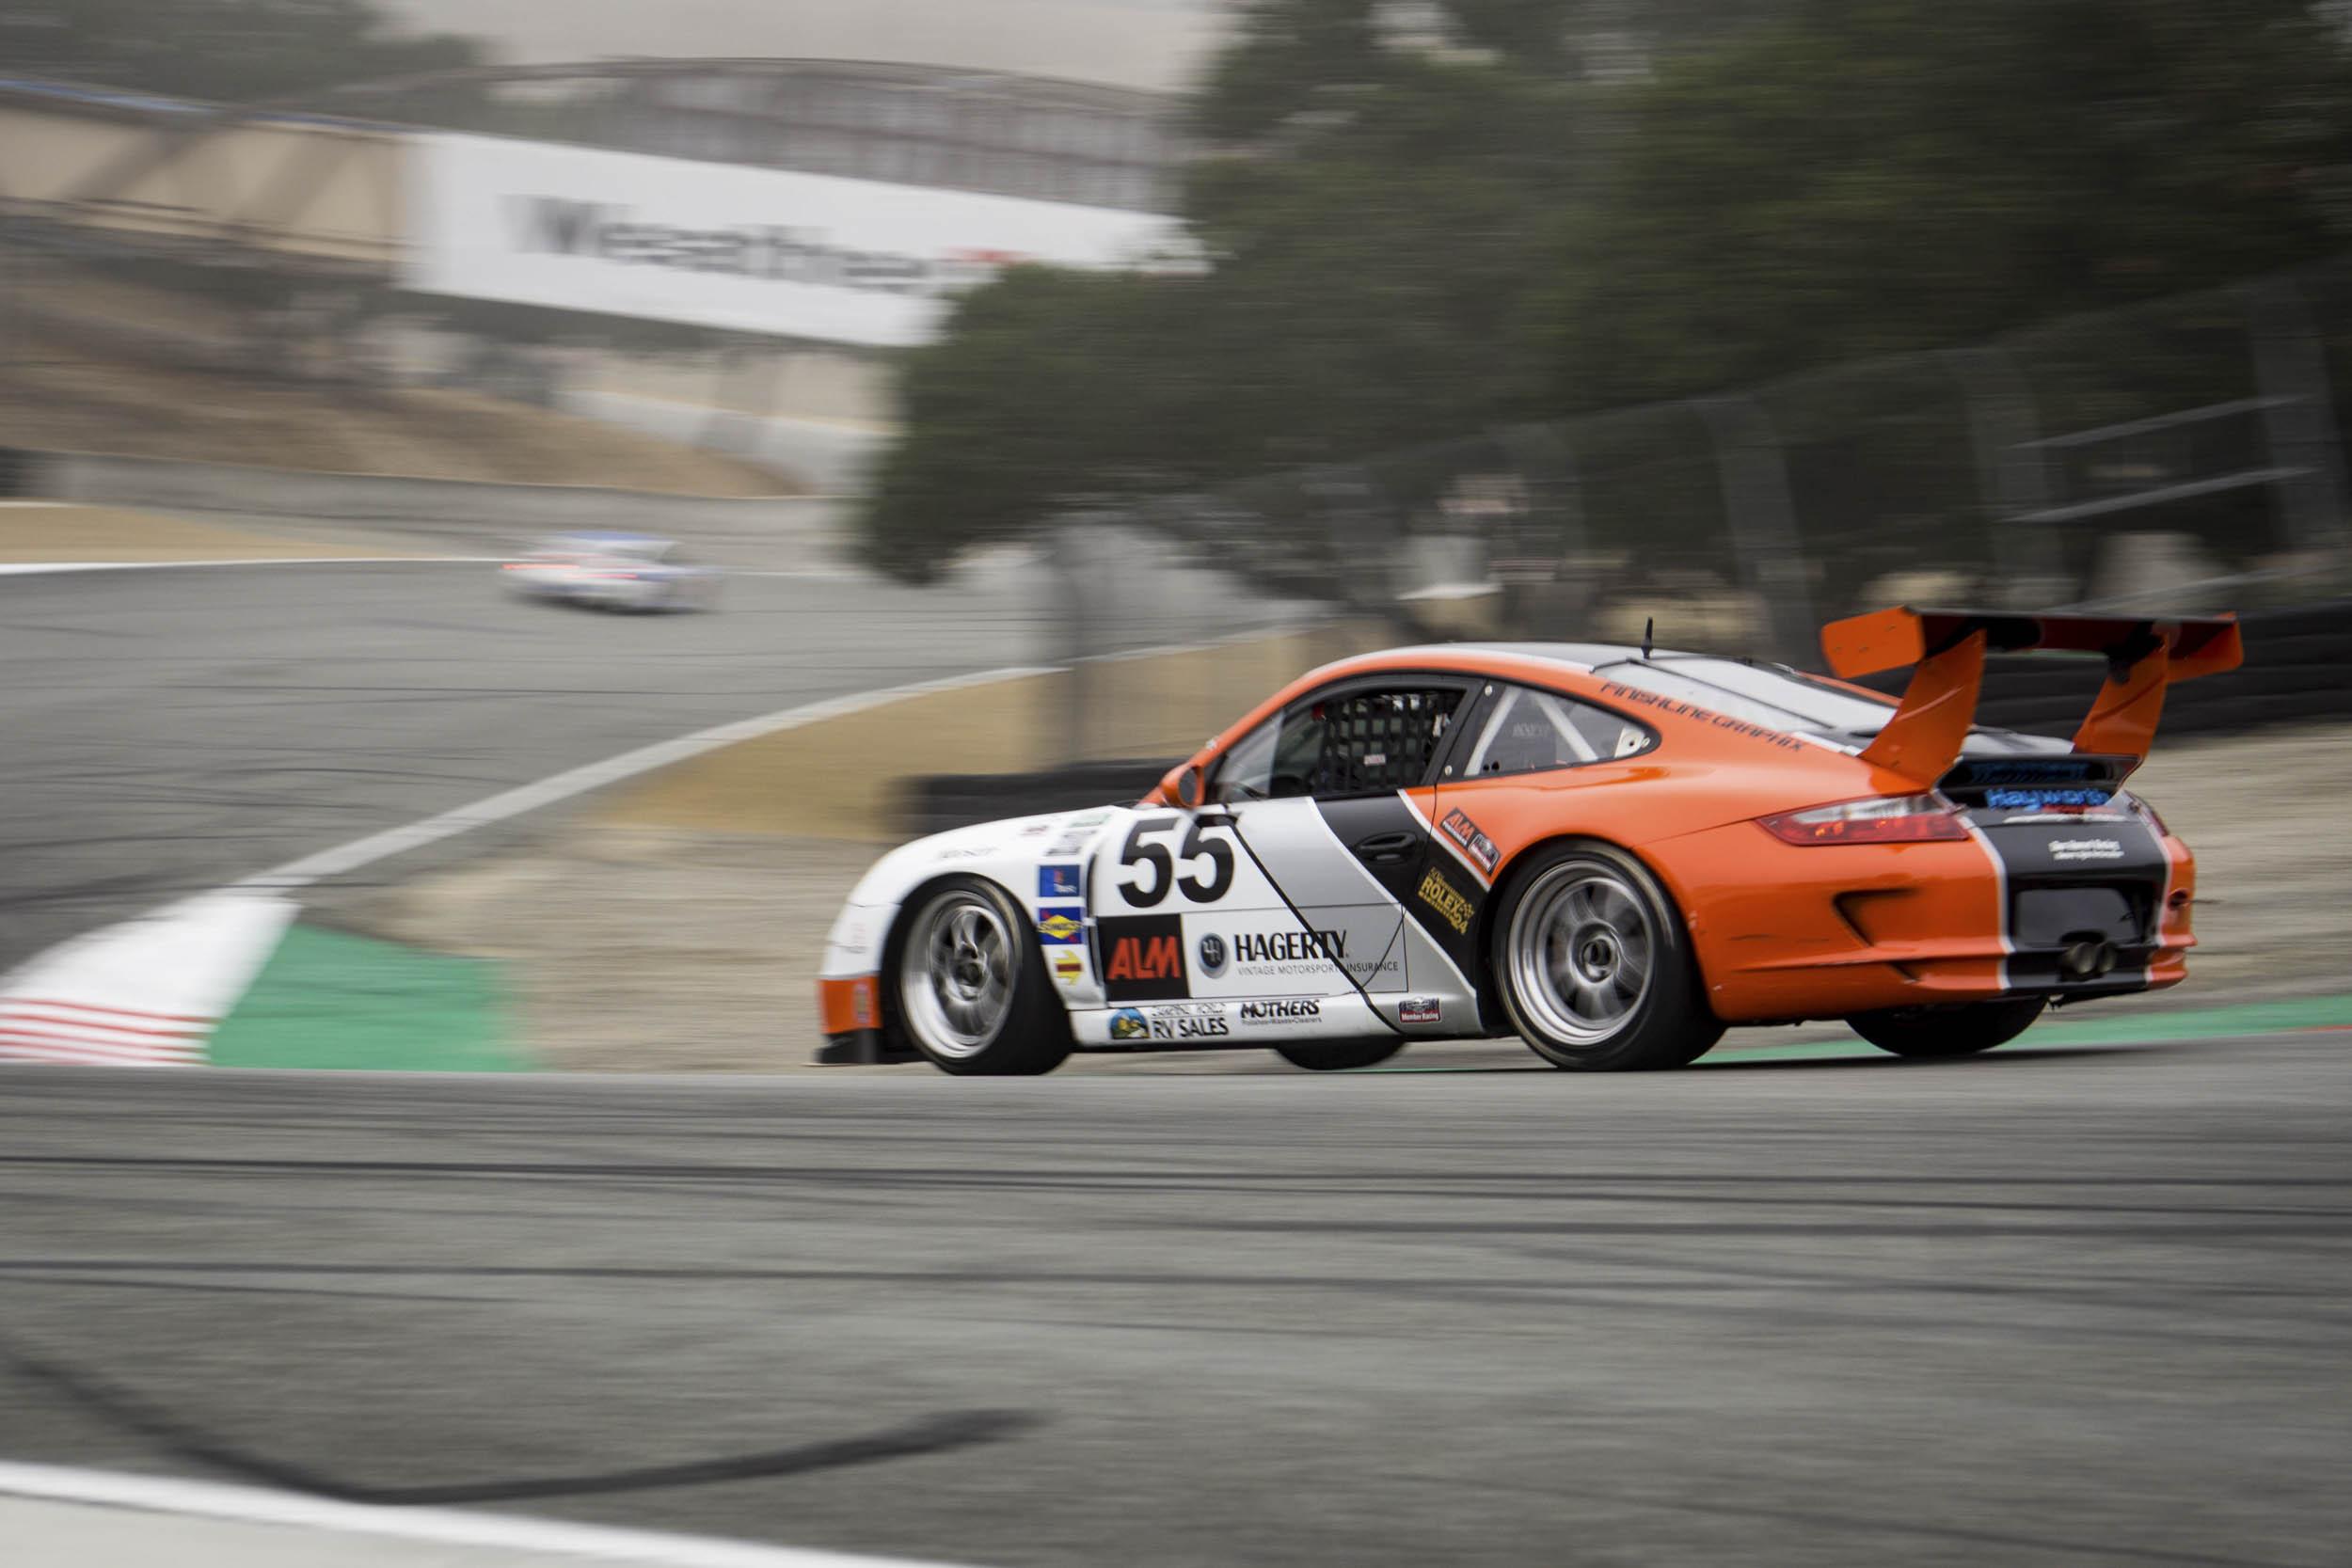 Larry Webster's 2008 Porsche 911 GT3